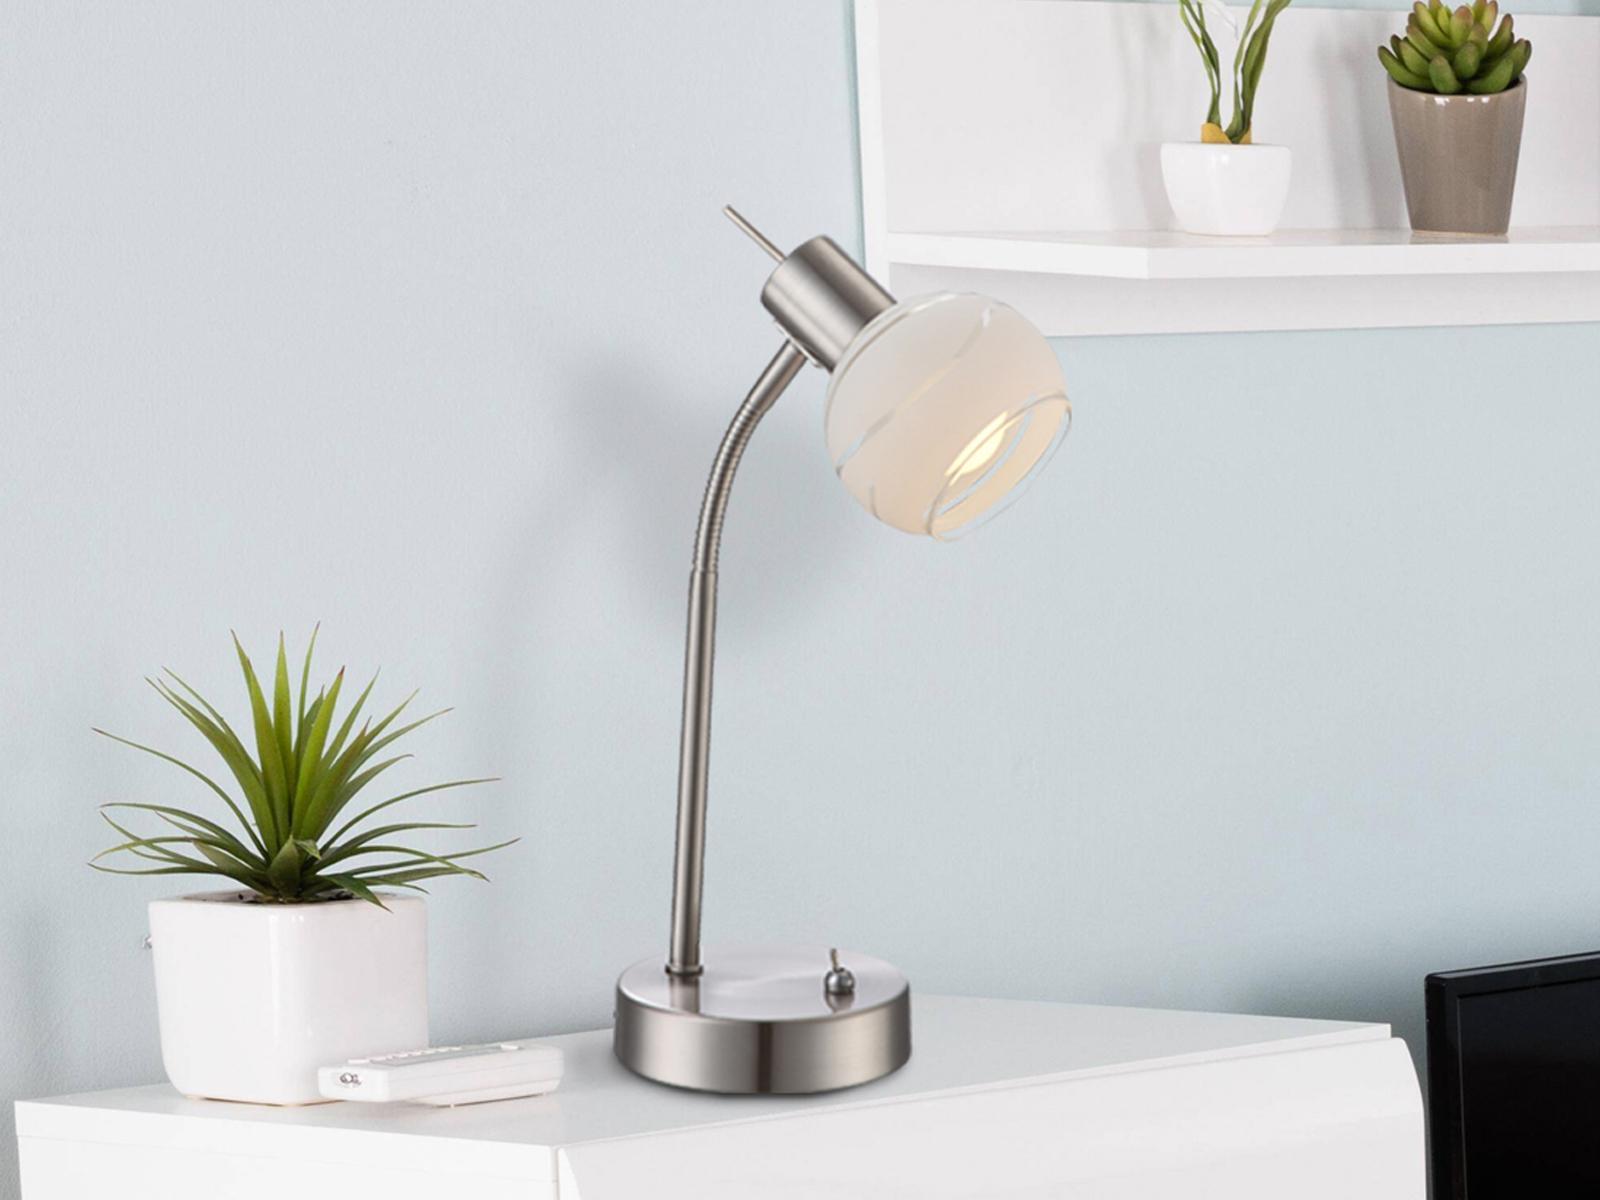 LED Tischleuchte flexibel Glasschirm satiniert, Tischlampe Wohnraum Nachttisch